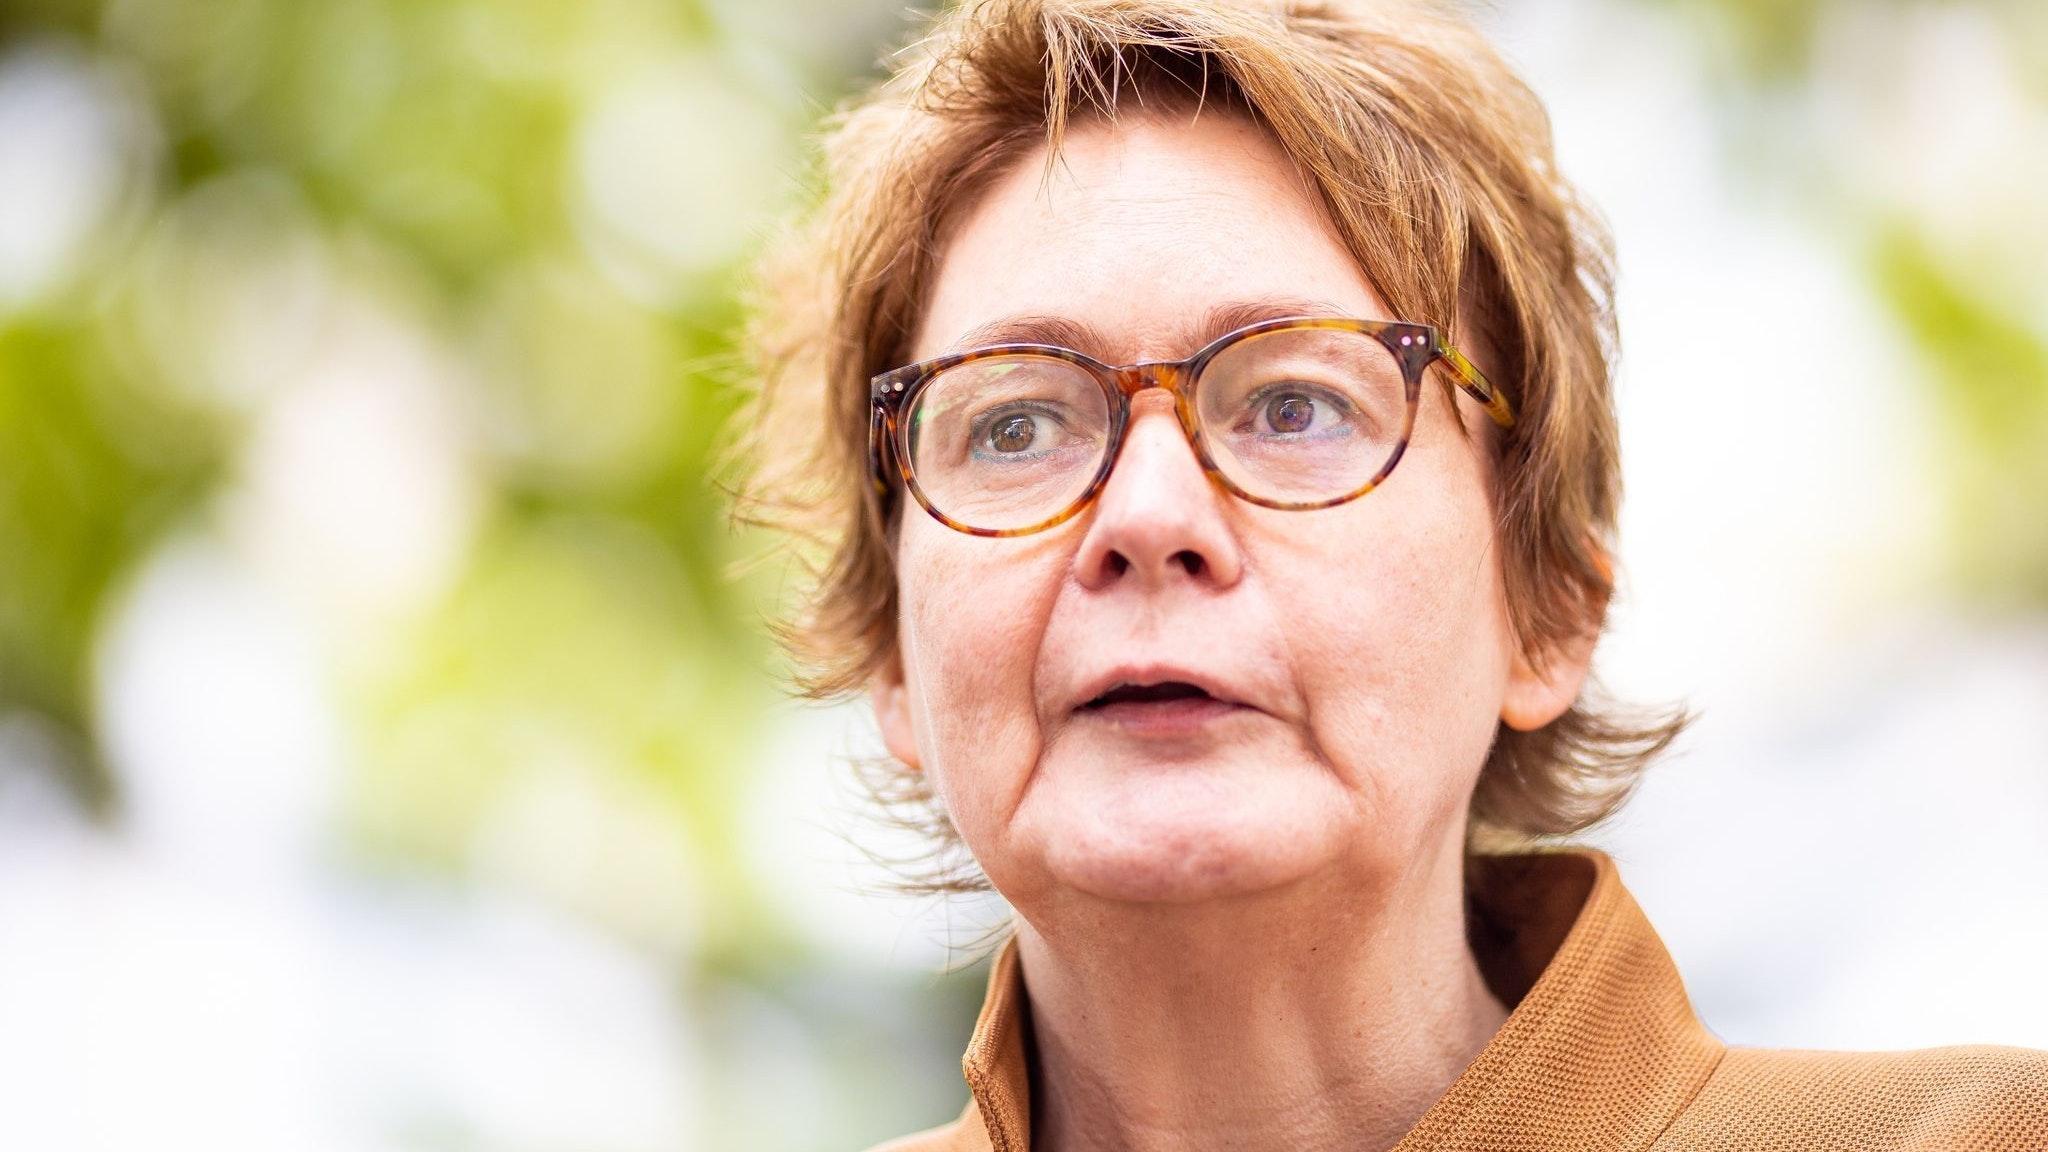 Daniela Behrens (SPD), Ministerin für Soziales, Gesundheit und Gleichstellung in Niedersachsen. Foto: dpa/Frankenberg